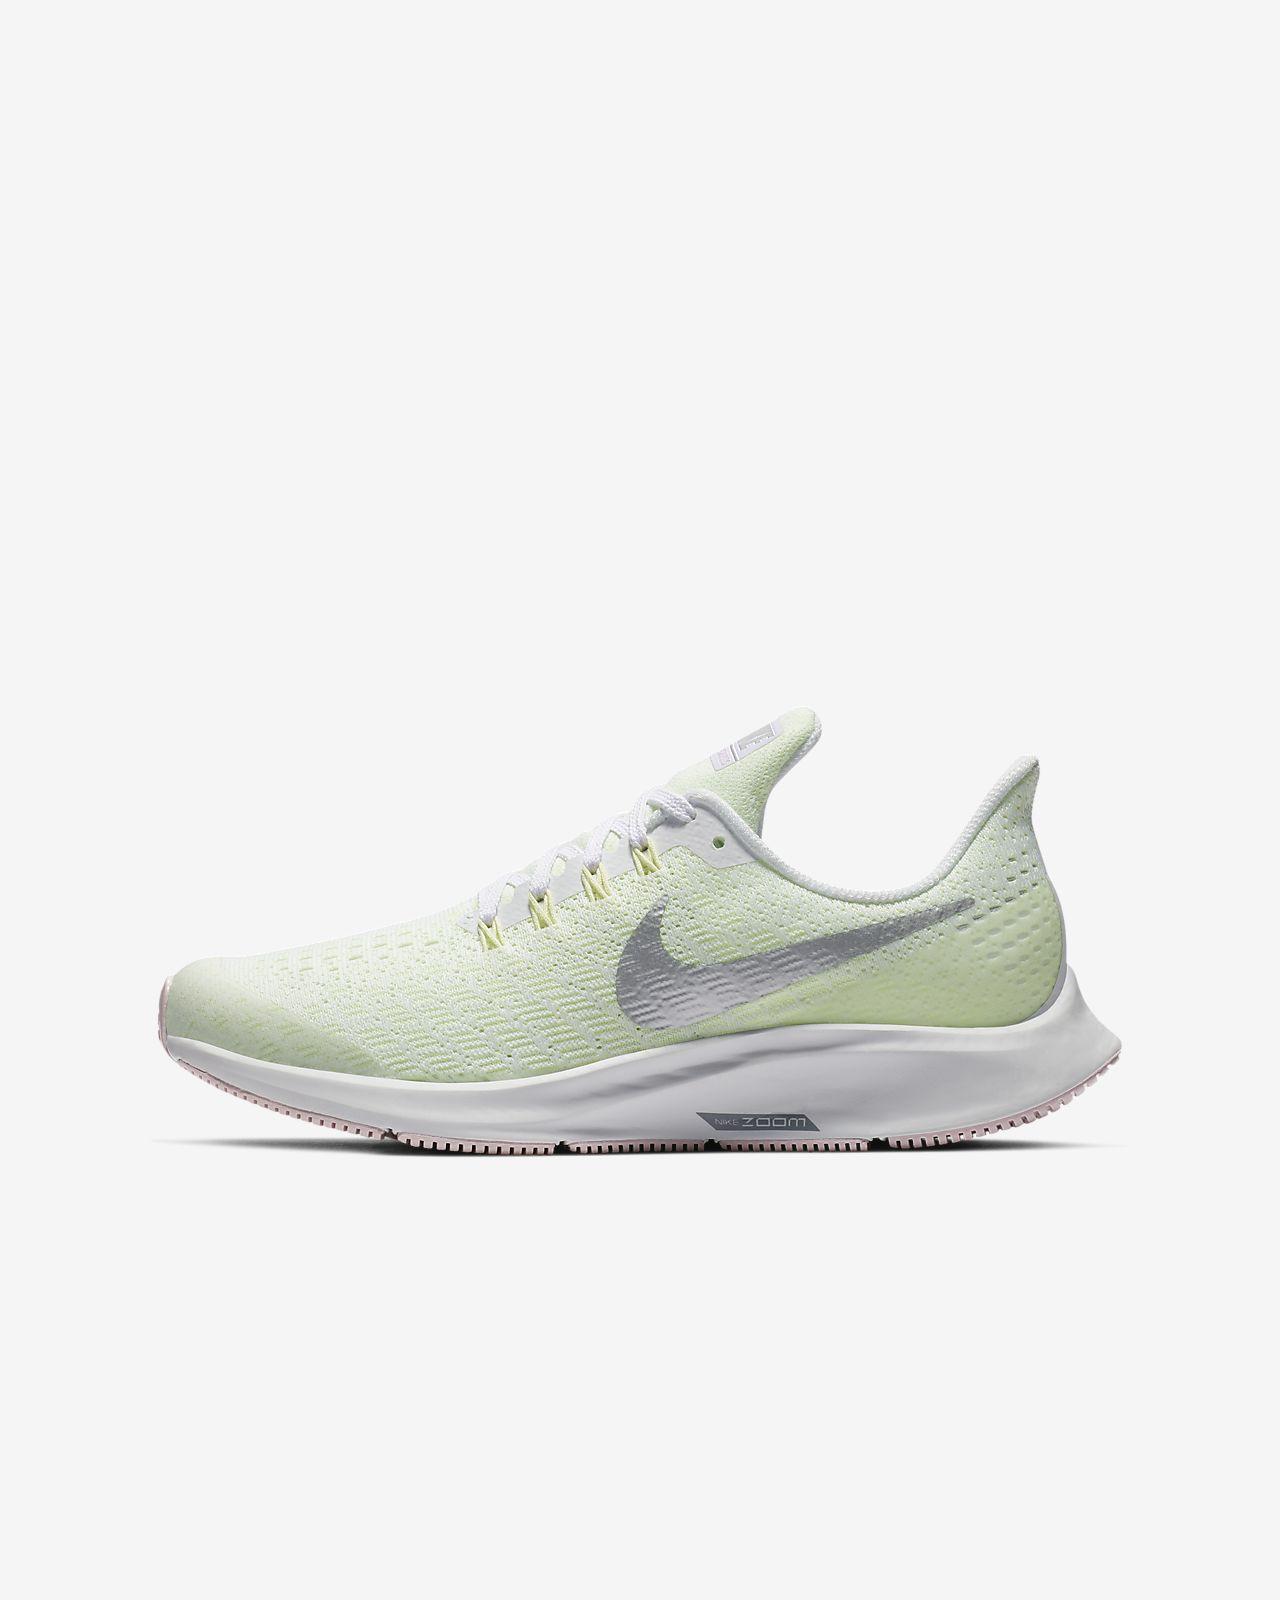 Běžecká bota Nike Air Zoom Pegasus 35 pro malé/větší děti